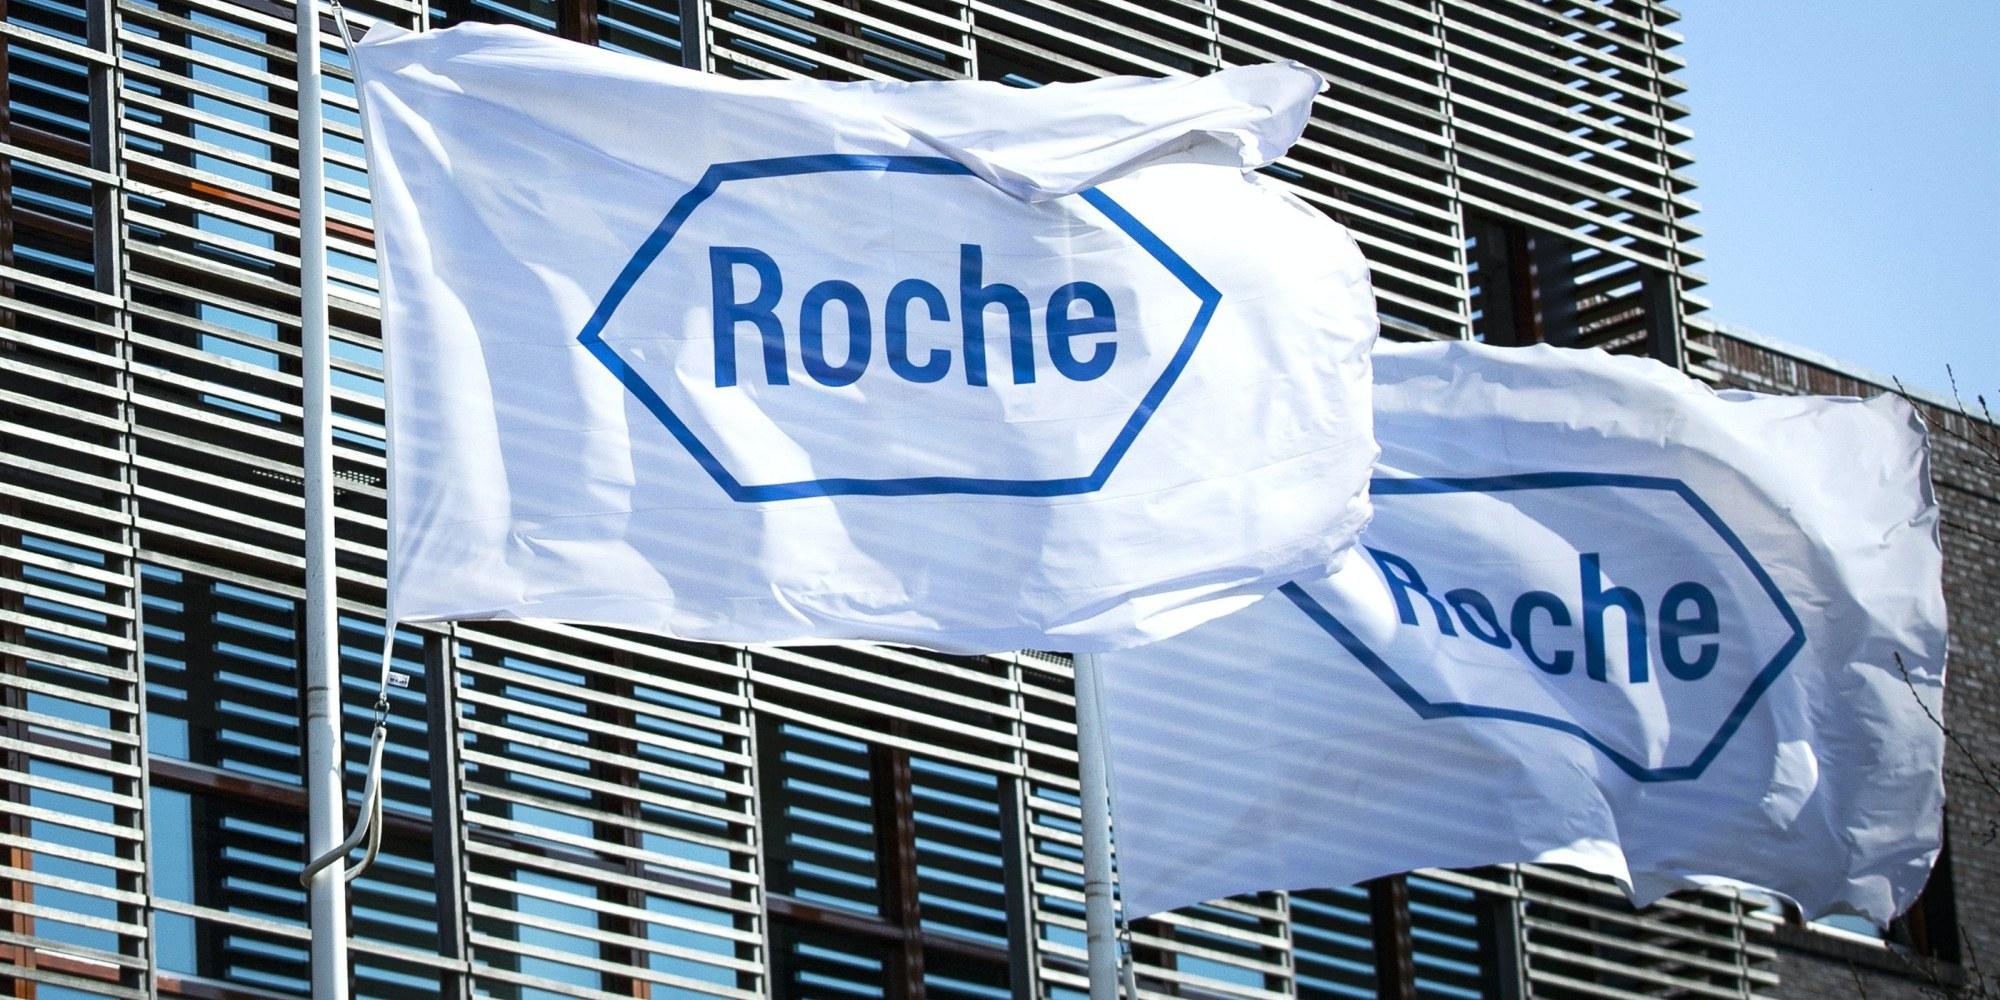 Roche Hauptversammlung 2021